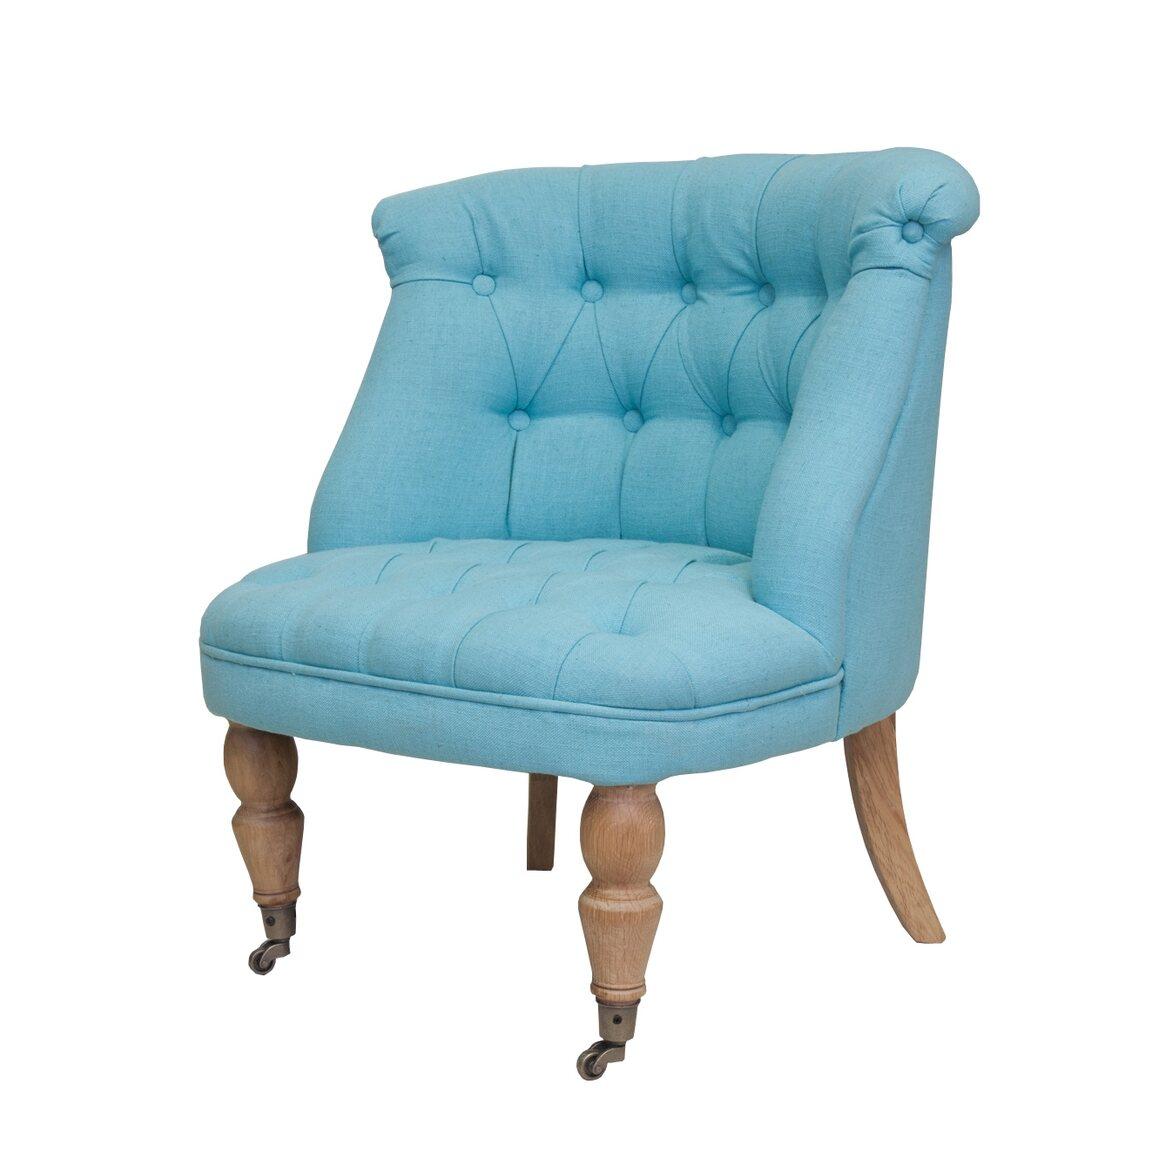 Низкое кресло Aviana Blue 4 | Маленькие кресла Kingsby